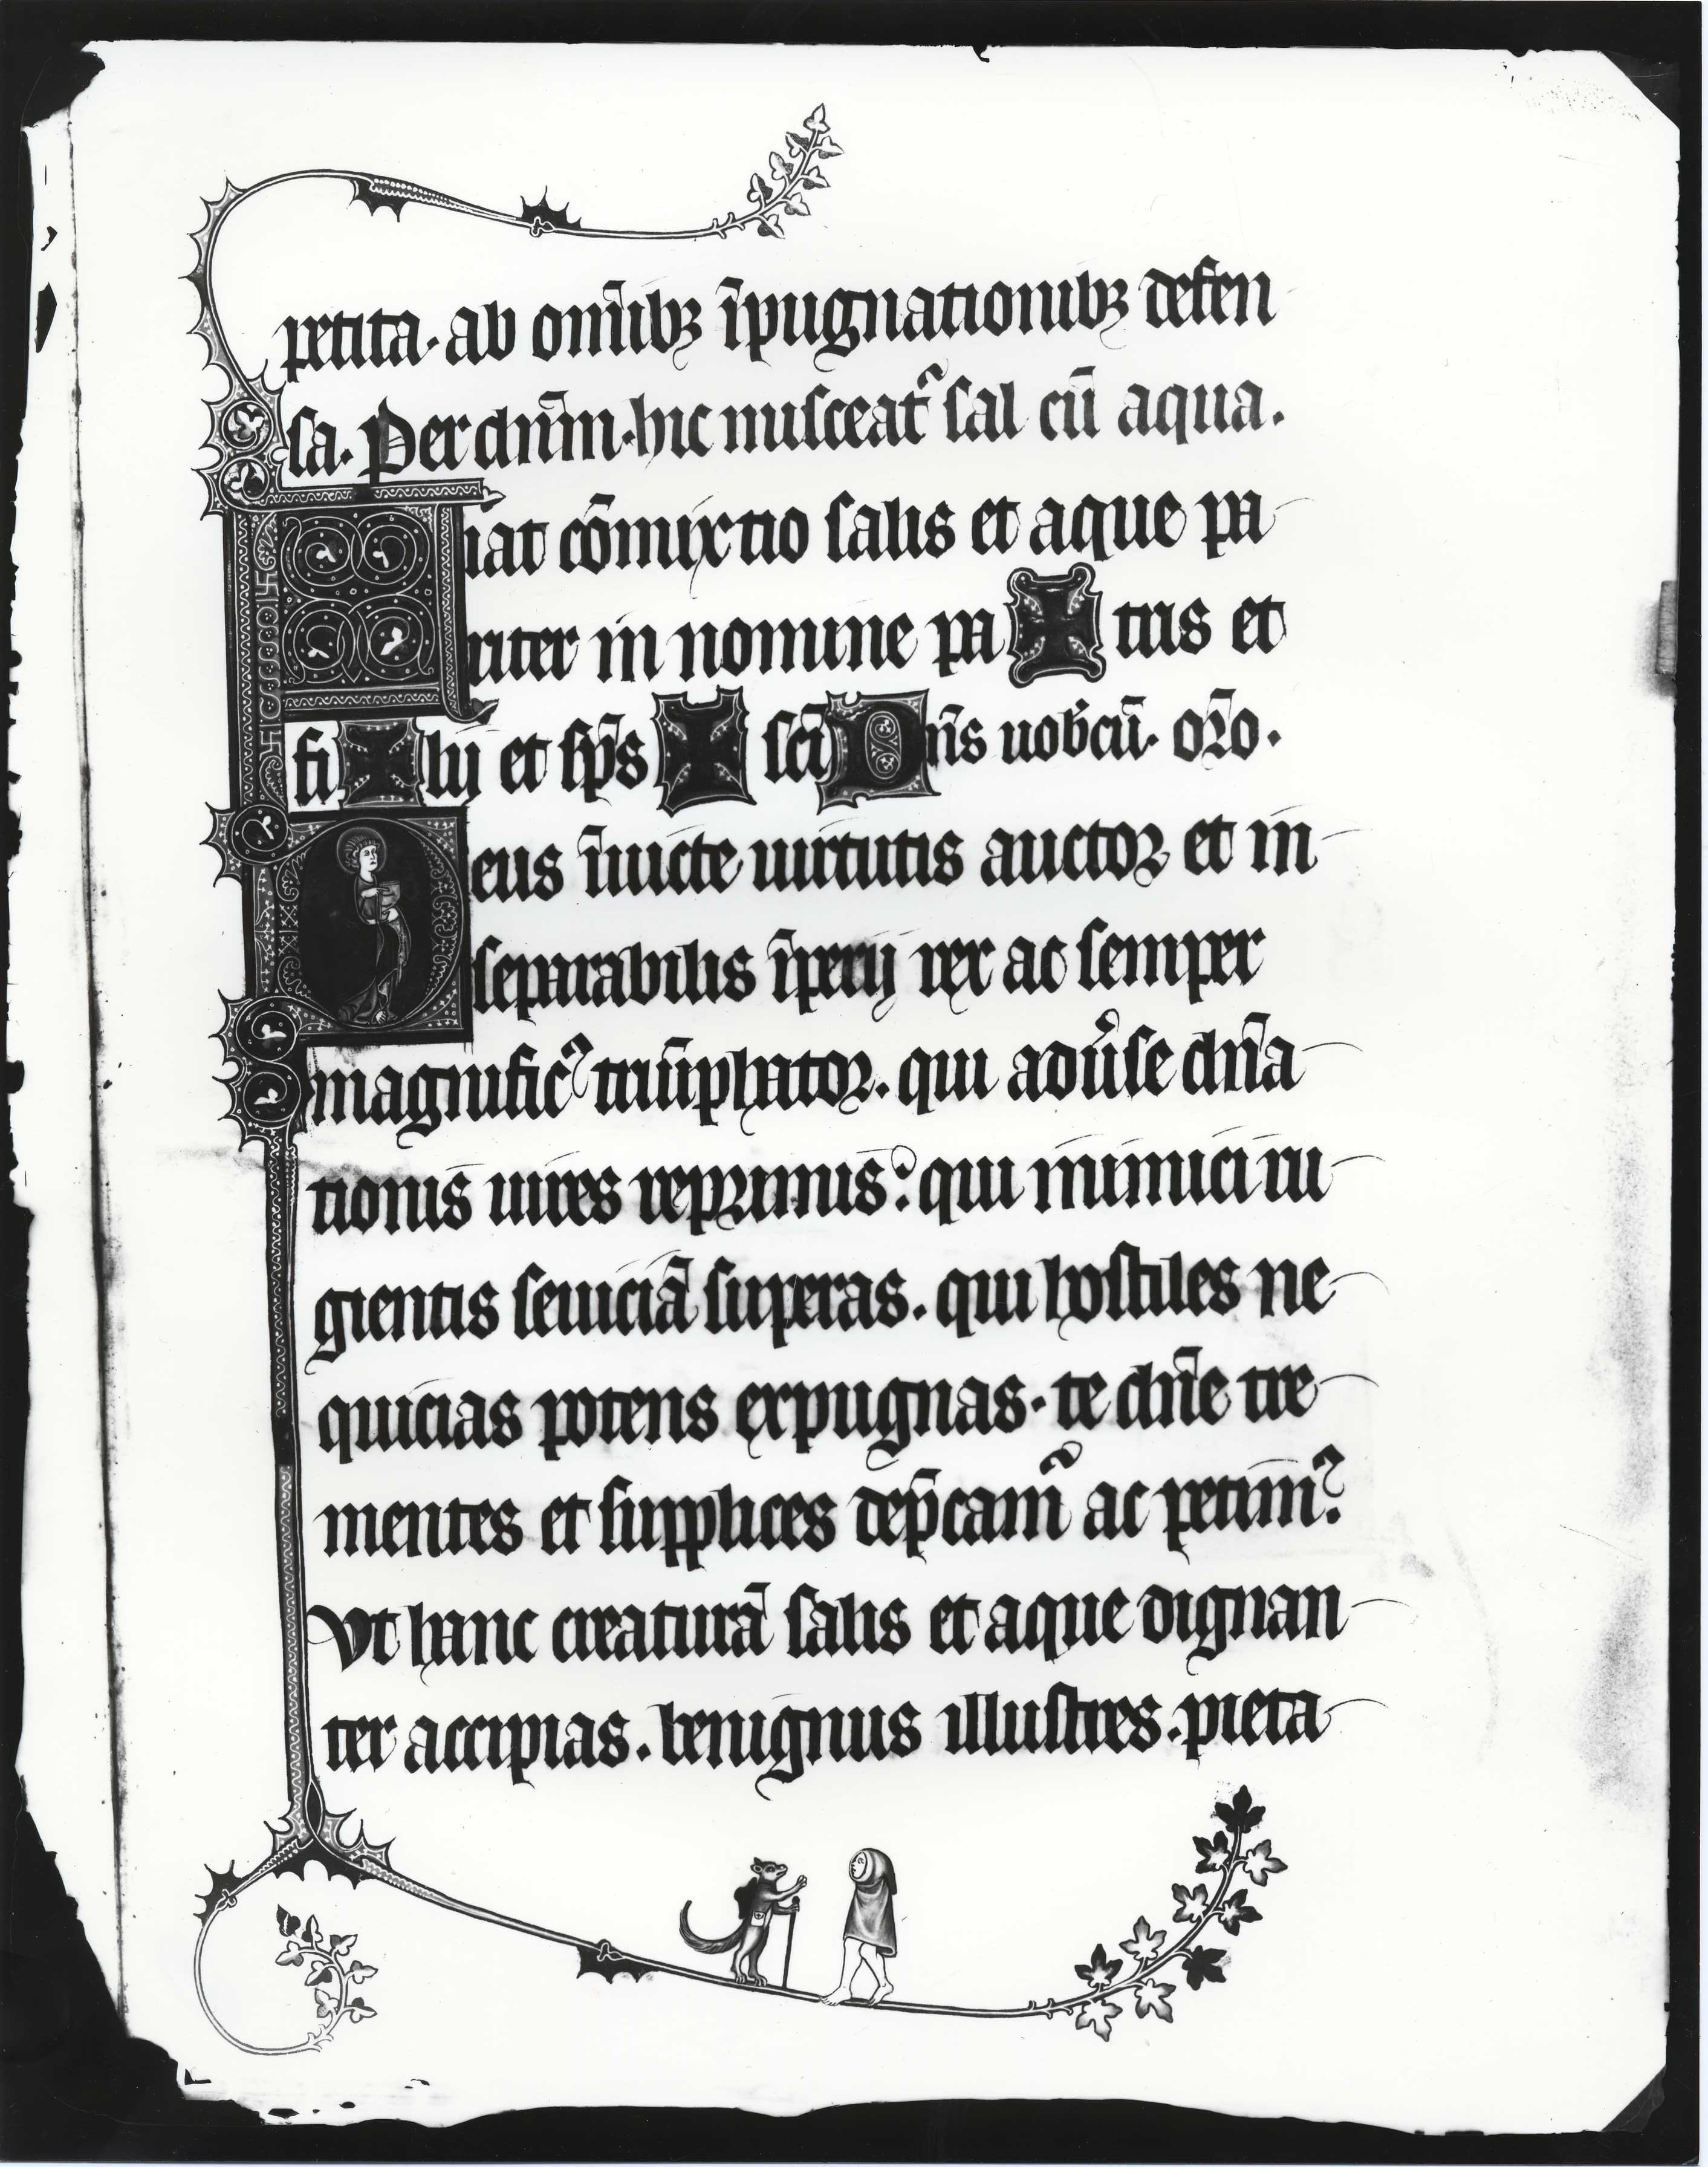 Contenu du Pontificale Rituale Metense (MS 043)  Clichés légués par l'abbé Weber. Partie conservée en Angleterre, publiée en 1902 par E. S. Dewick